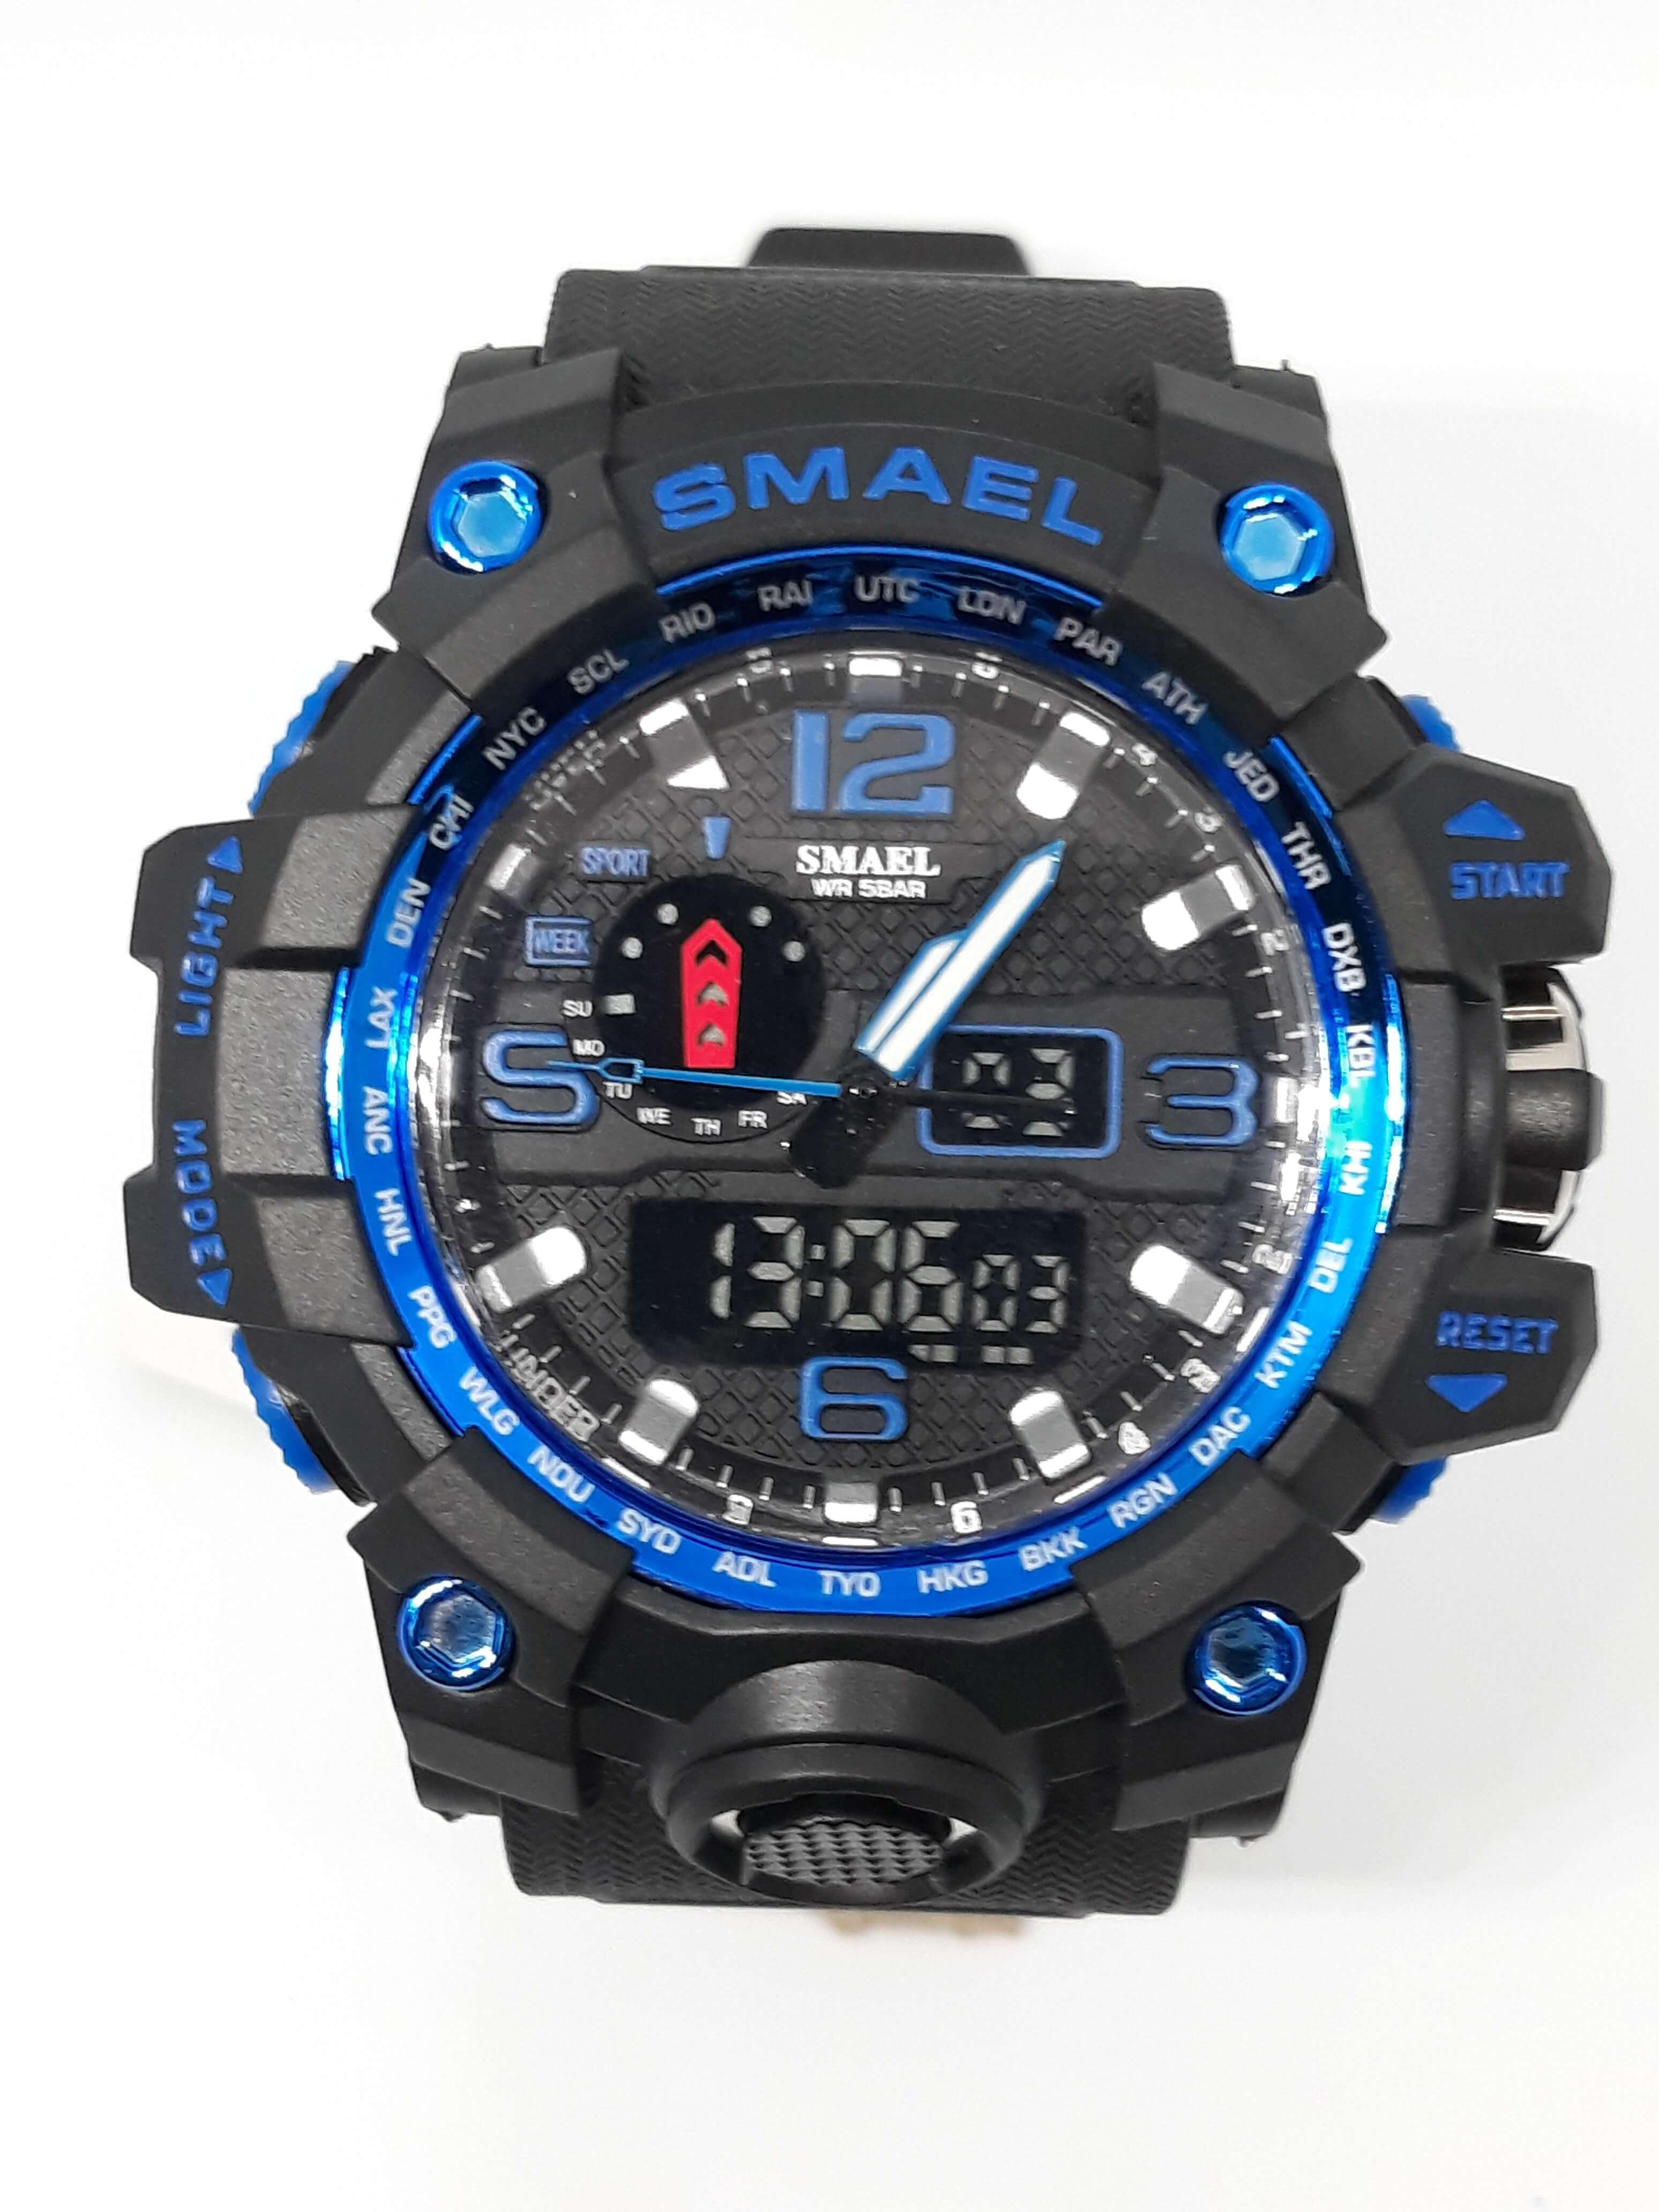 Zegarek Smael Camouflage niebieski czarny 17